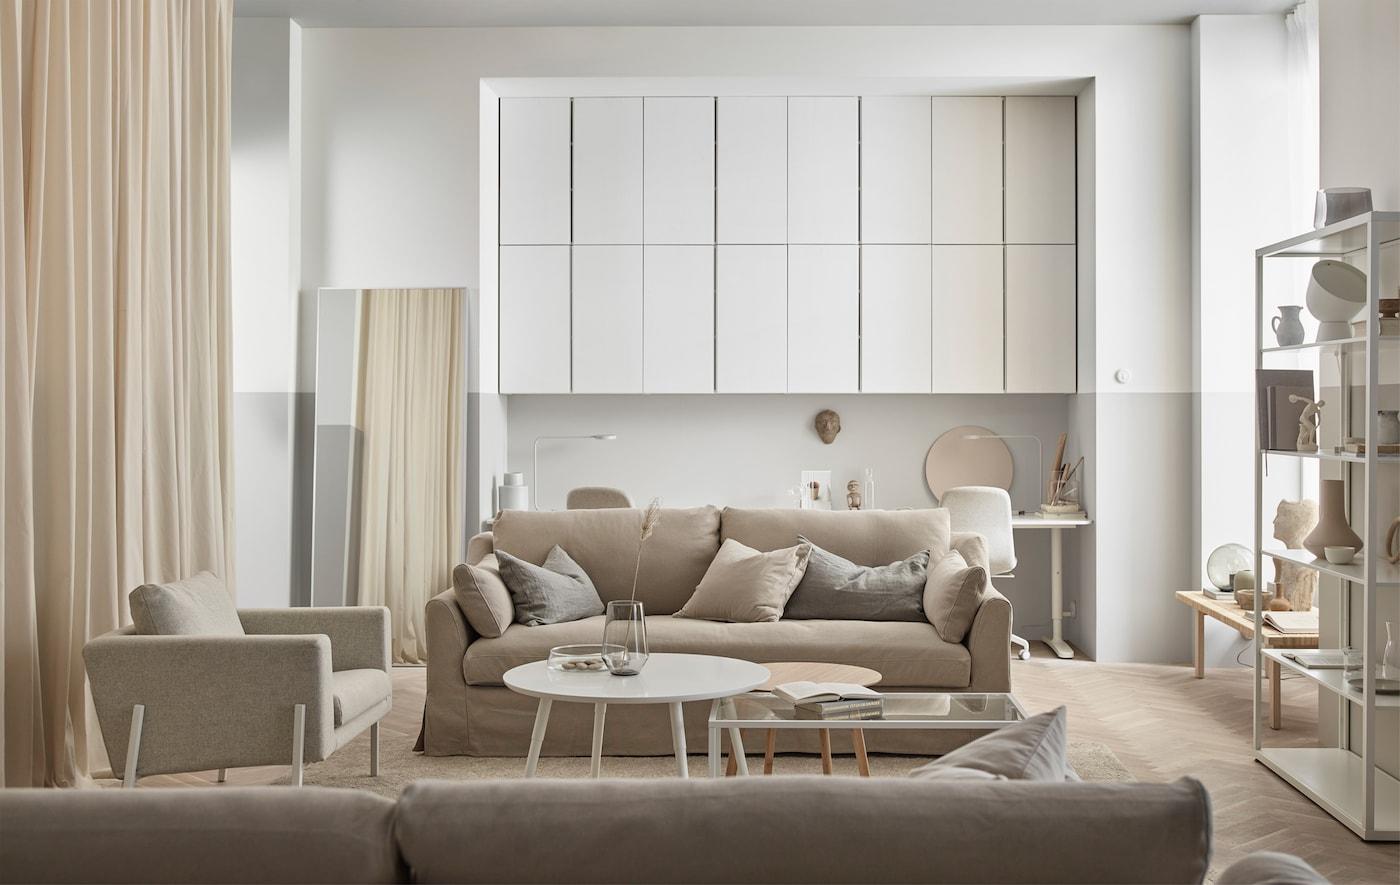 Aménagez un séjour ton sur ton harmonieux. Peignez deux armoires IVAR dans la même teinte et fixez-les au mur, pour un look équilibré.